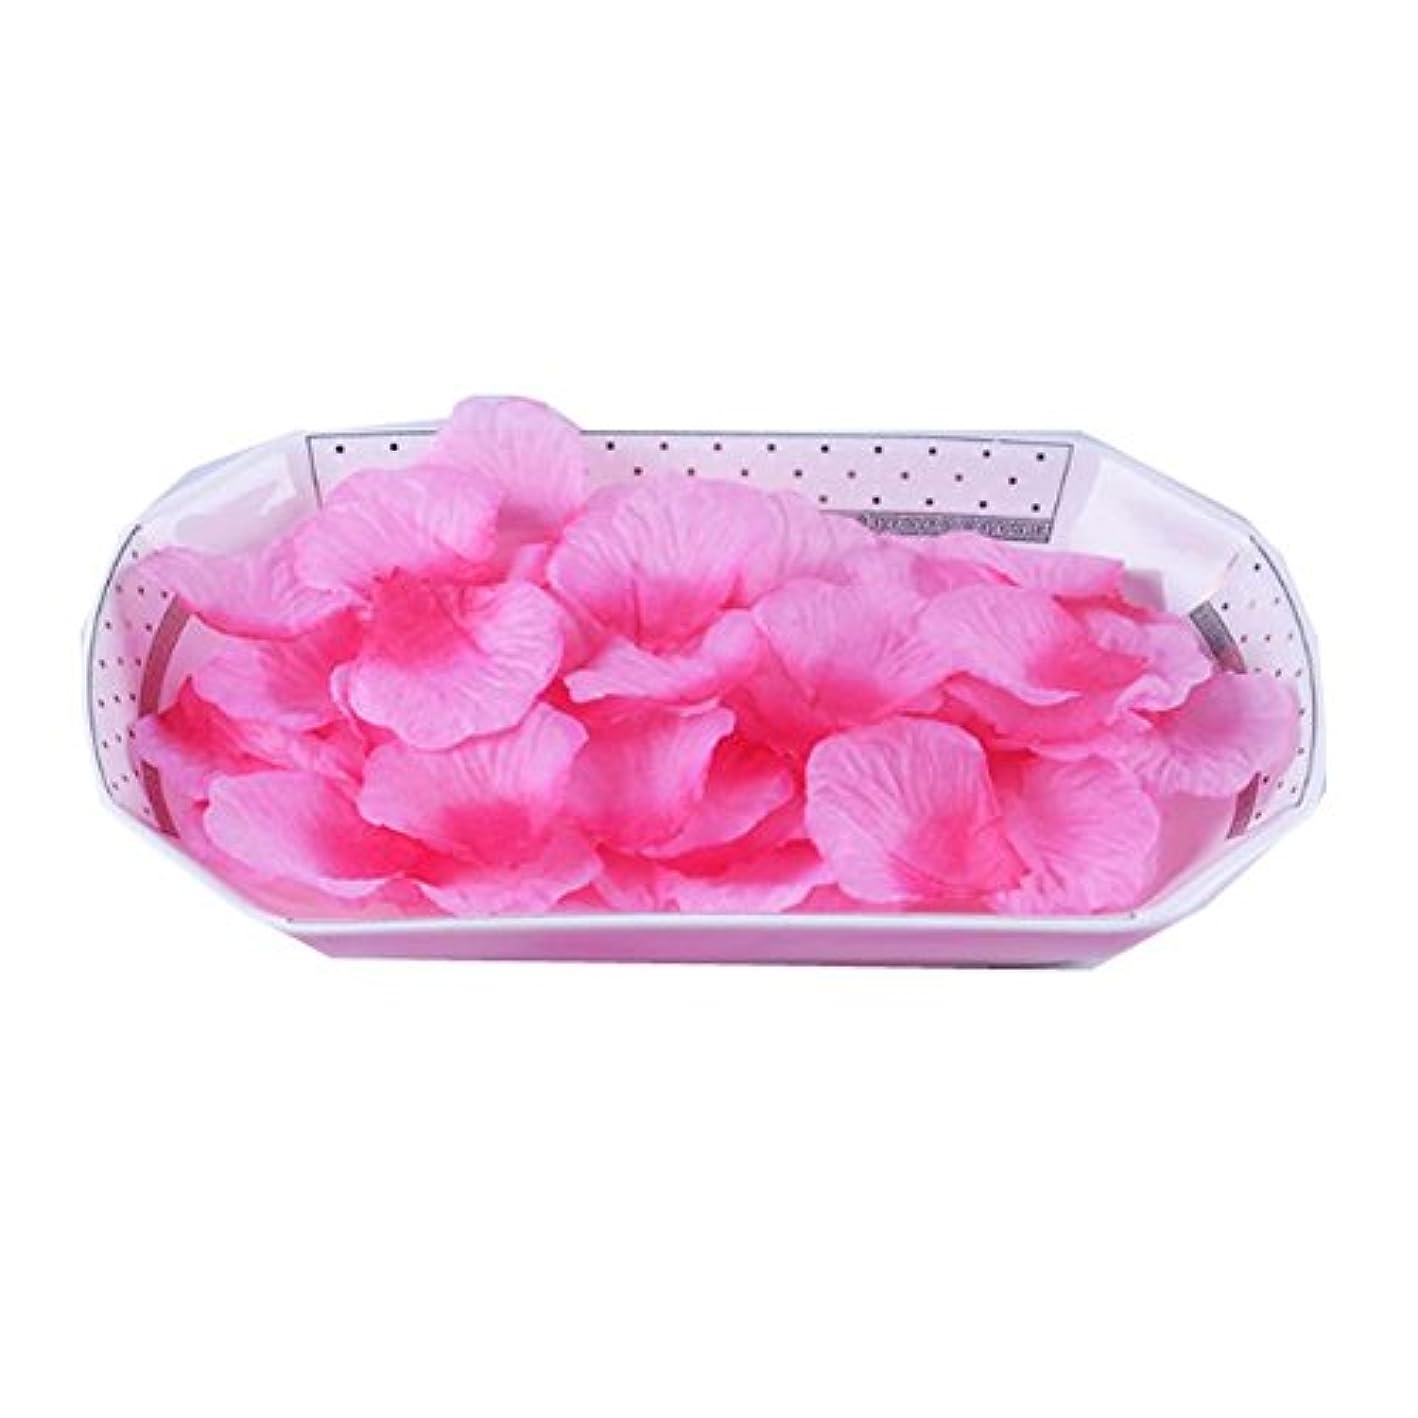 着飾る銀報告書人工ローズ花びら婚約のピンクの花びらはピンク3000のセット